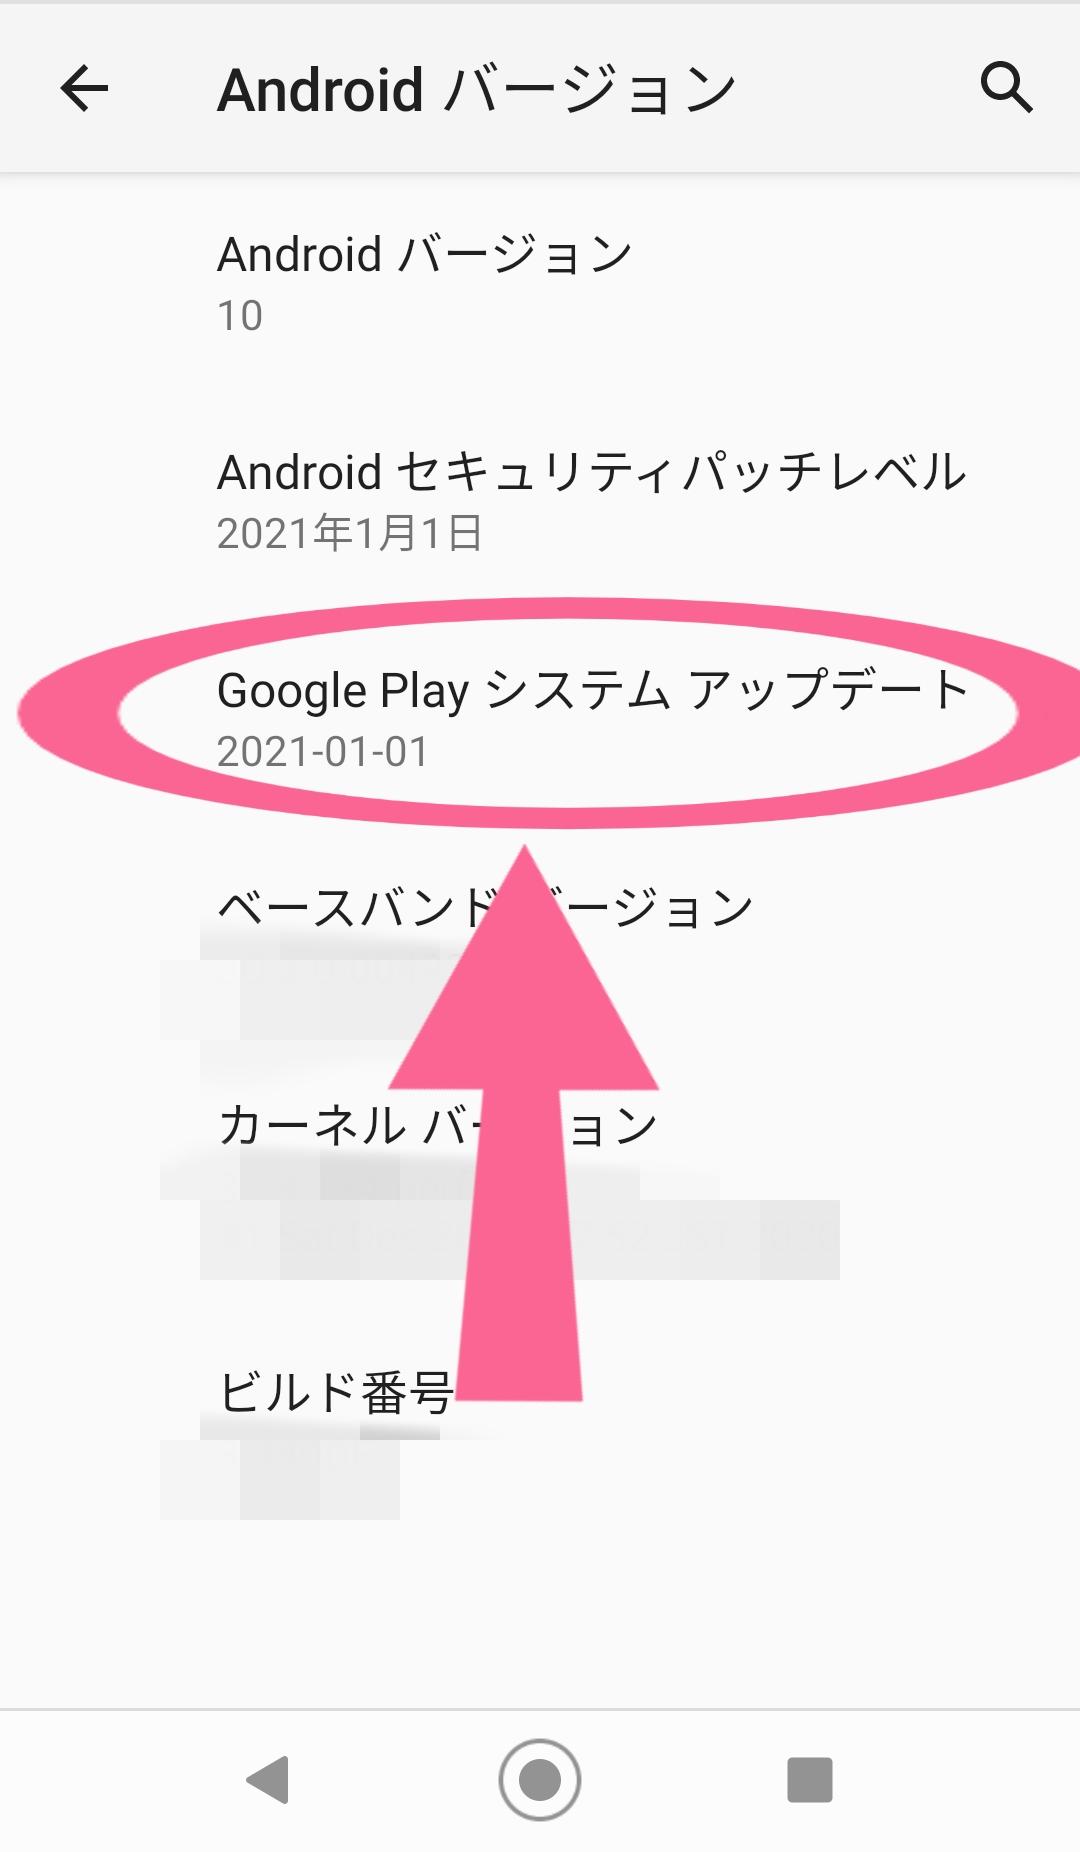 スマホ Android 設定 Google Play システムアップデート タップ